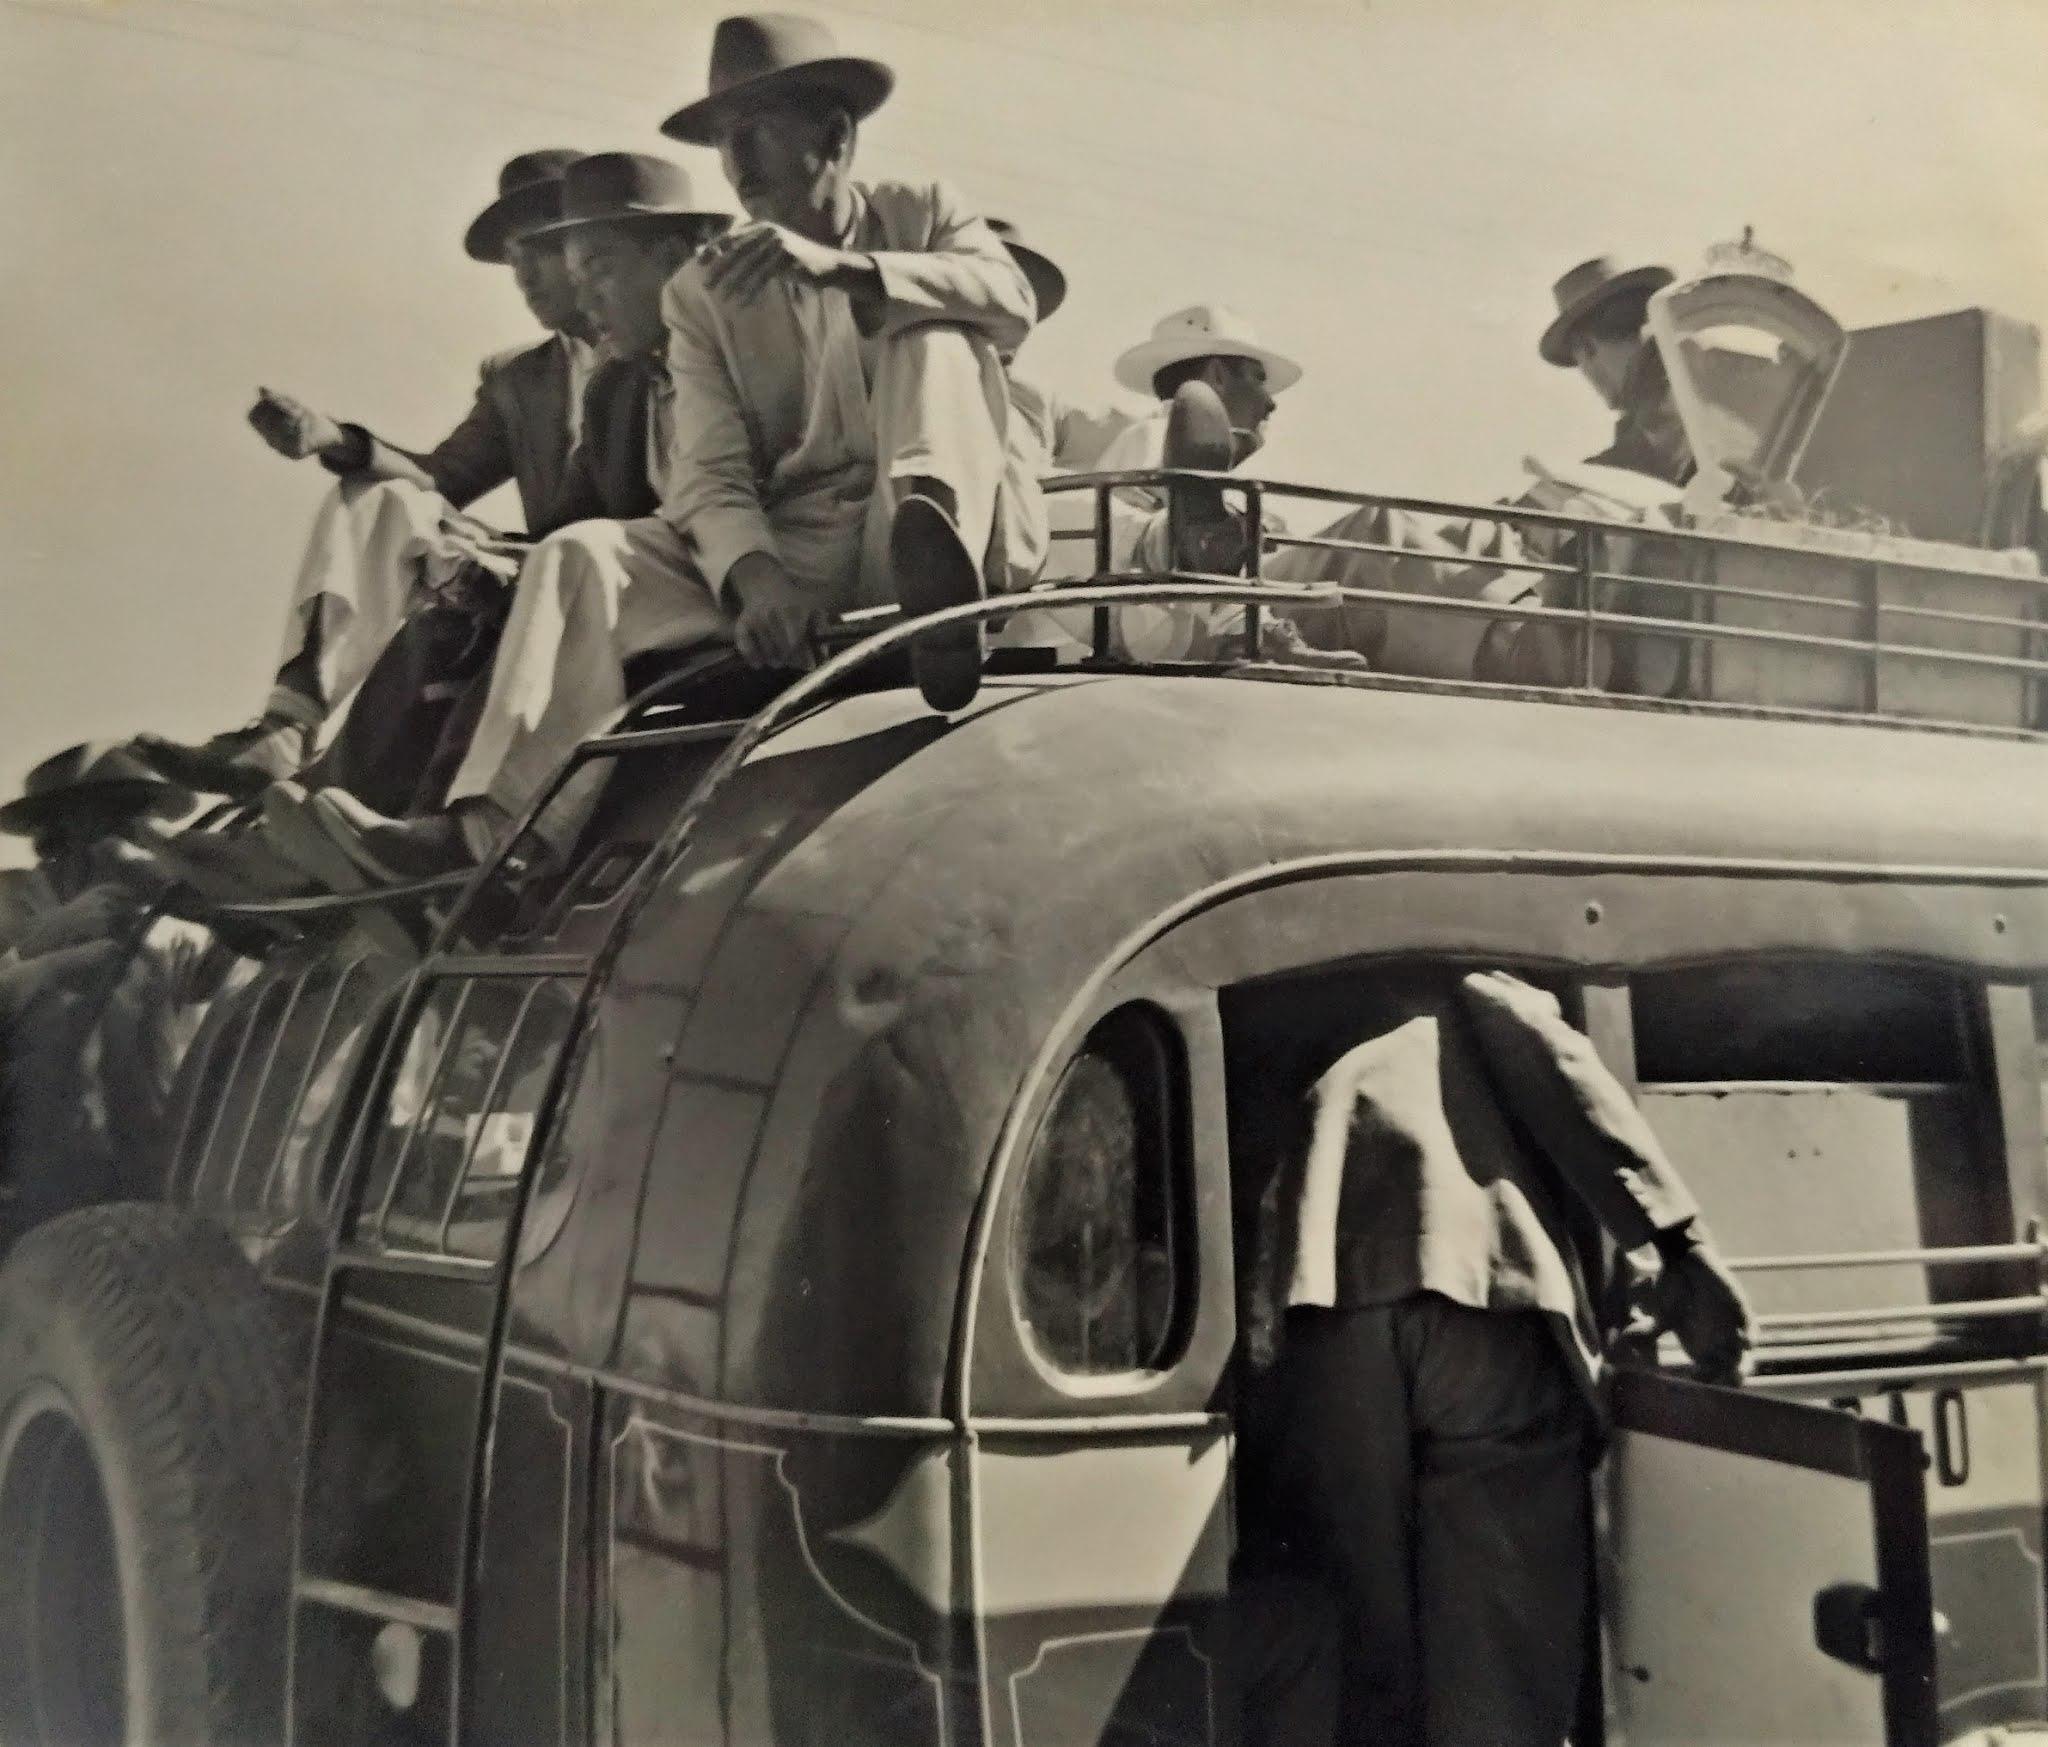 Pioneiros sobre o ônibus - Década de 1950